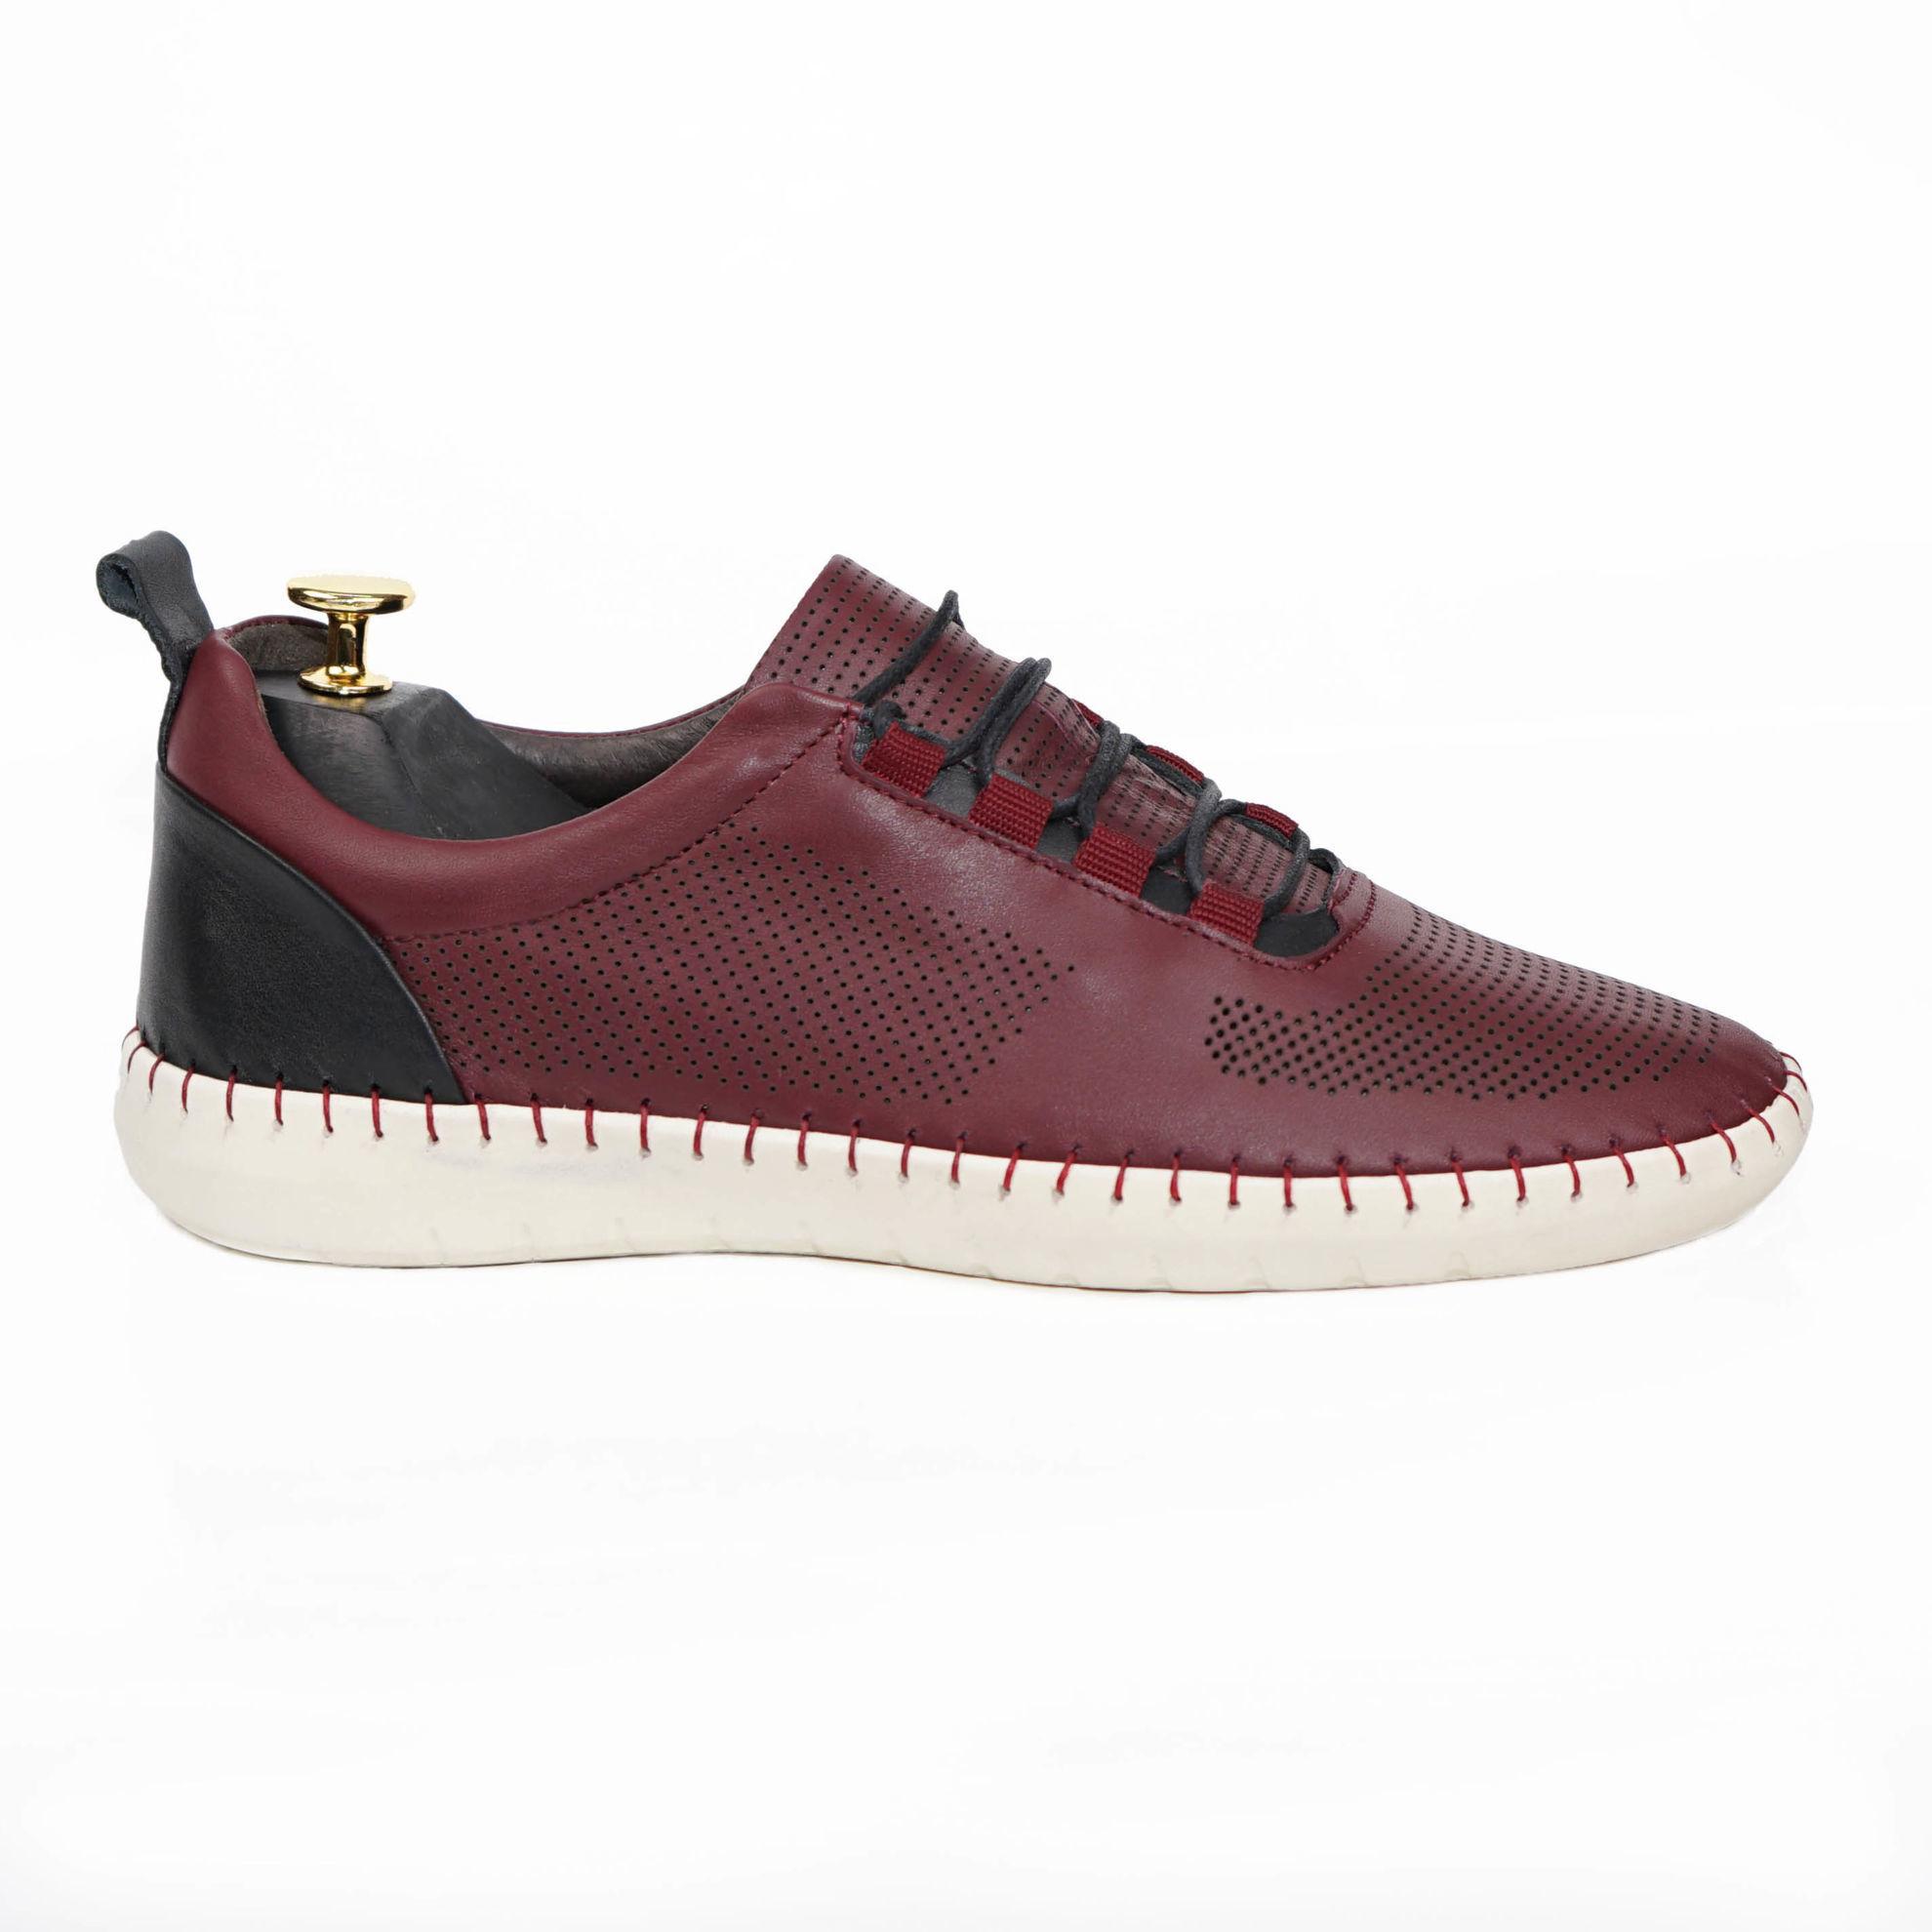 Imagine Pantofi casual bărbați piele naturală 691 Visiniu